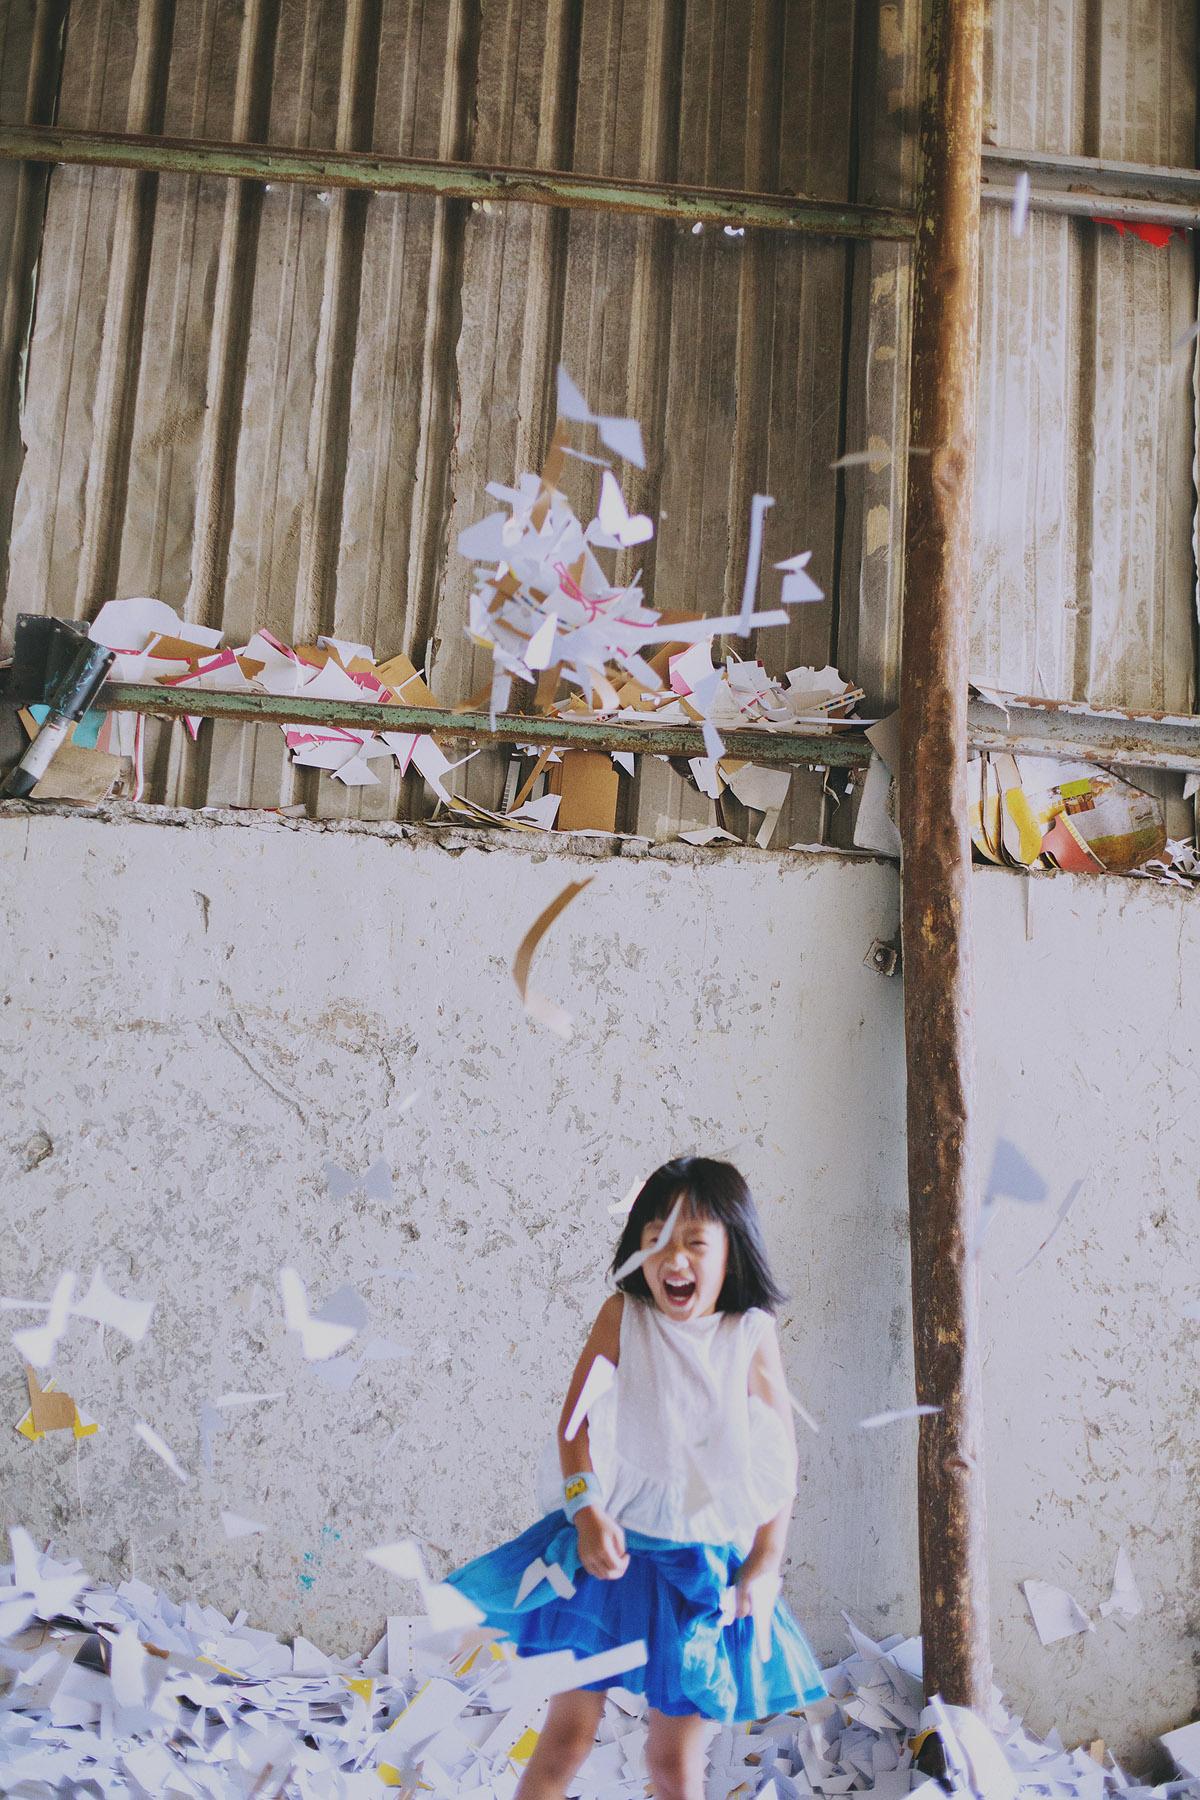 家庭攝影,家庭寫真,兒童寫真,孕婦寫真,親子寫真,兒童攝影,全家福照,桃園,台北,台中,推薦,自然風格,生活風格,居家風格,溫度,情感